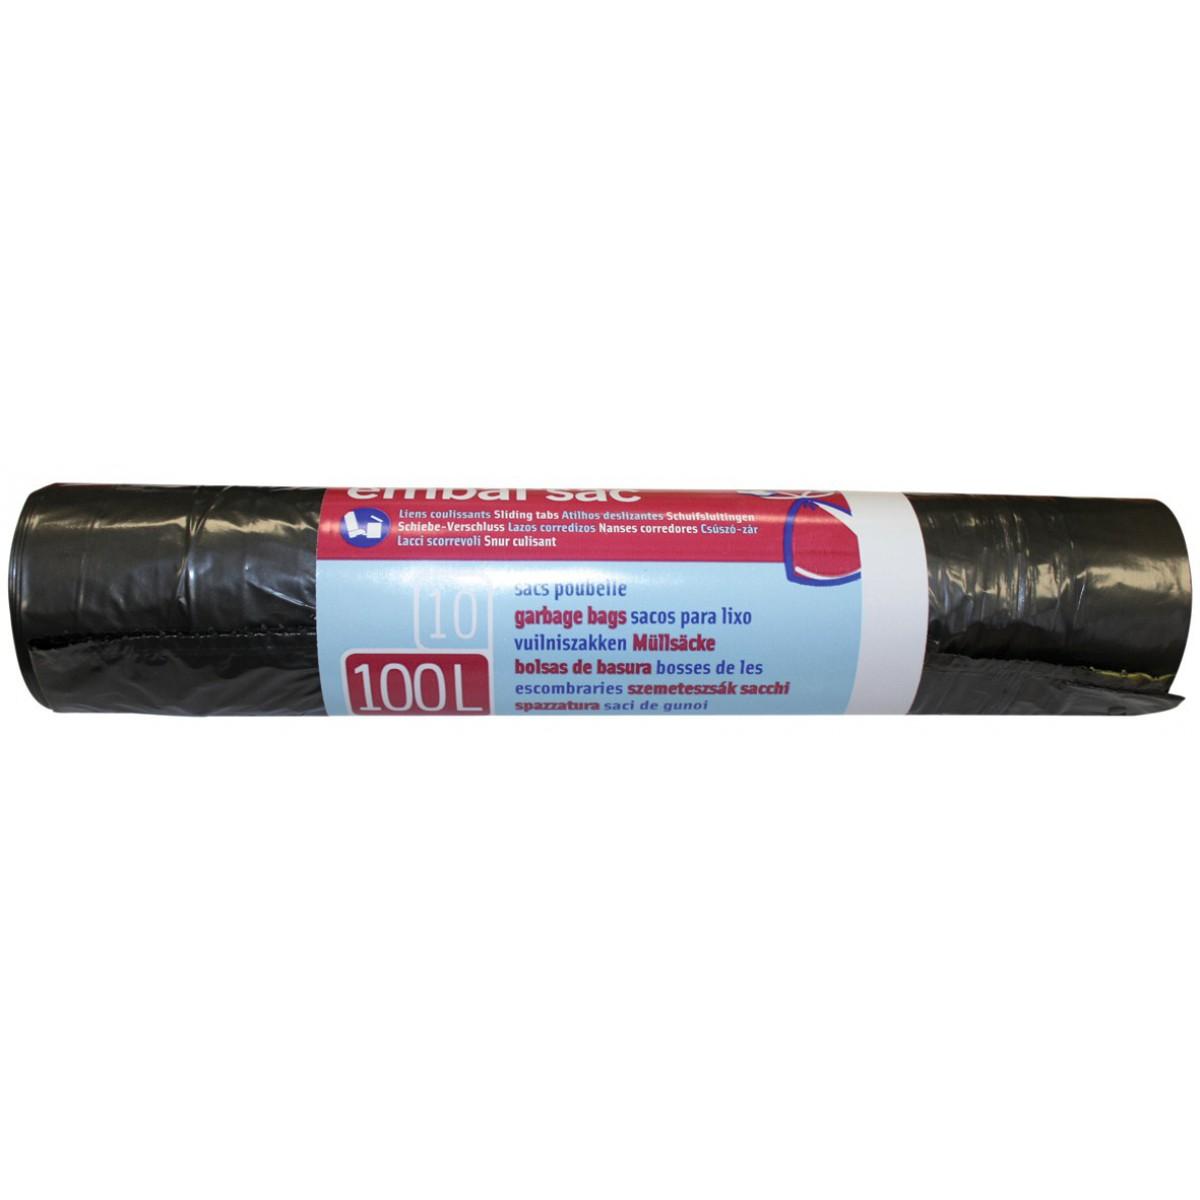 Sac poubelle à lien coulissant Embal'Sac - 100 l - Hauteur 90 cm - Epaisseur 24 microns - 10 sacs